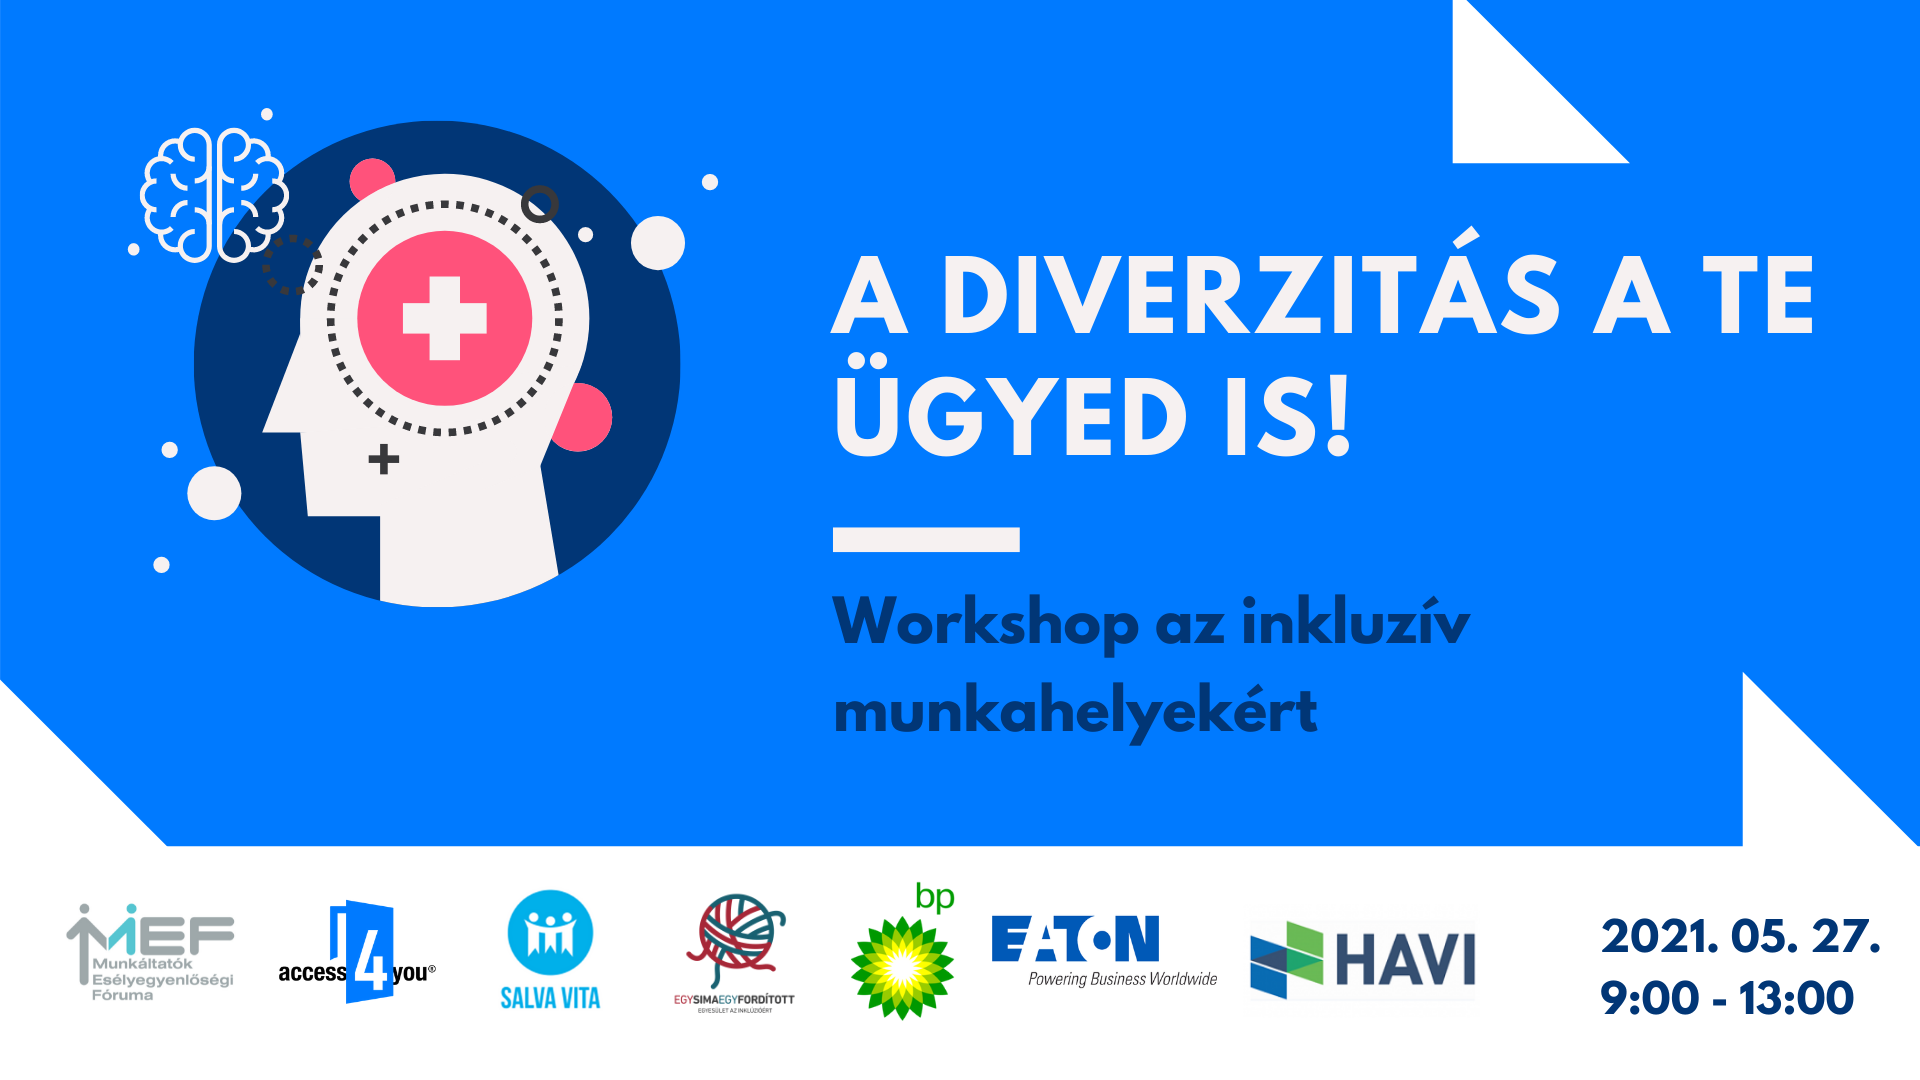 A diverzitás a Te ügyed is! - Workshop az inkluzív munkahelyekért